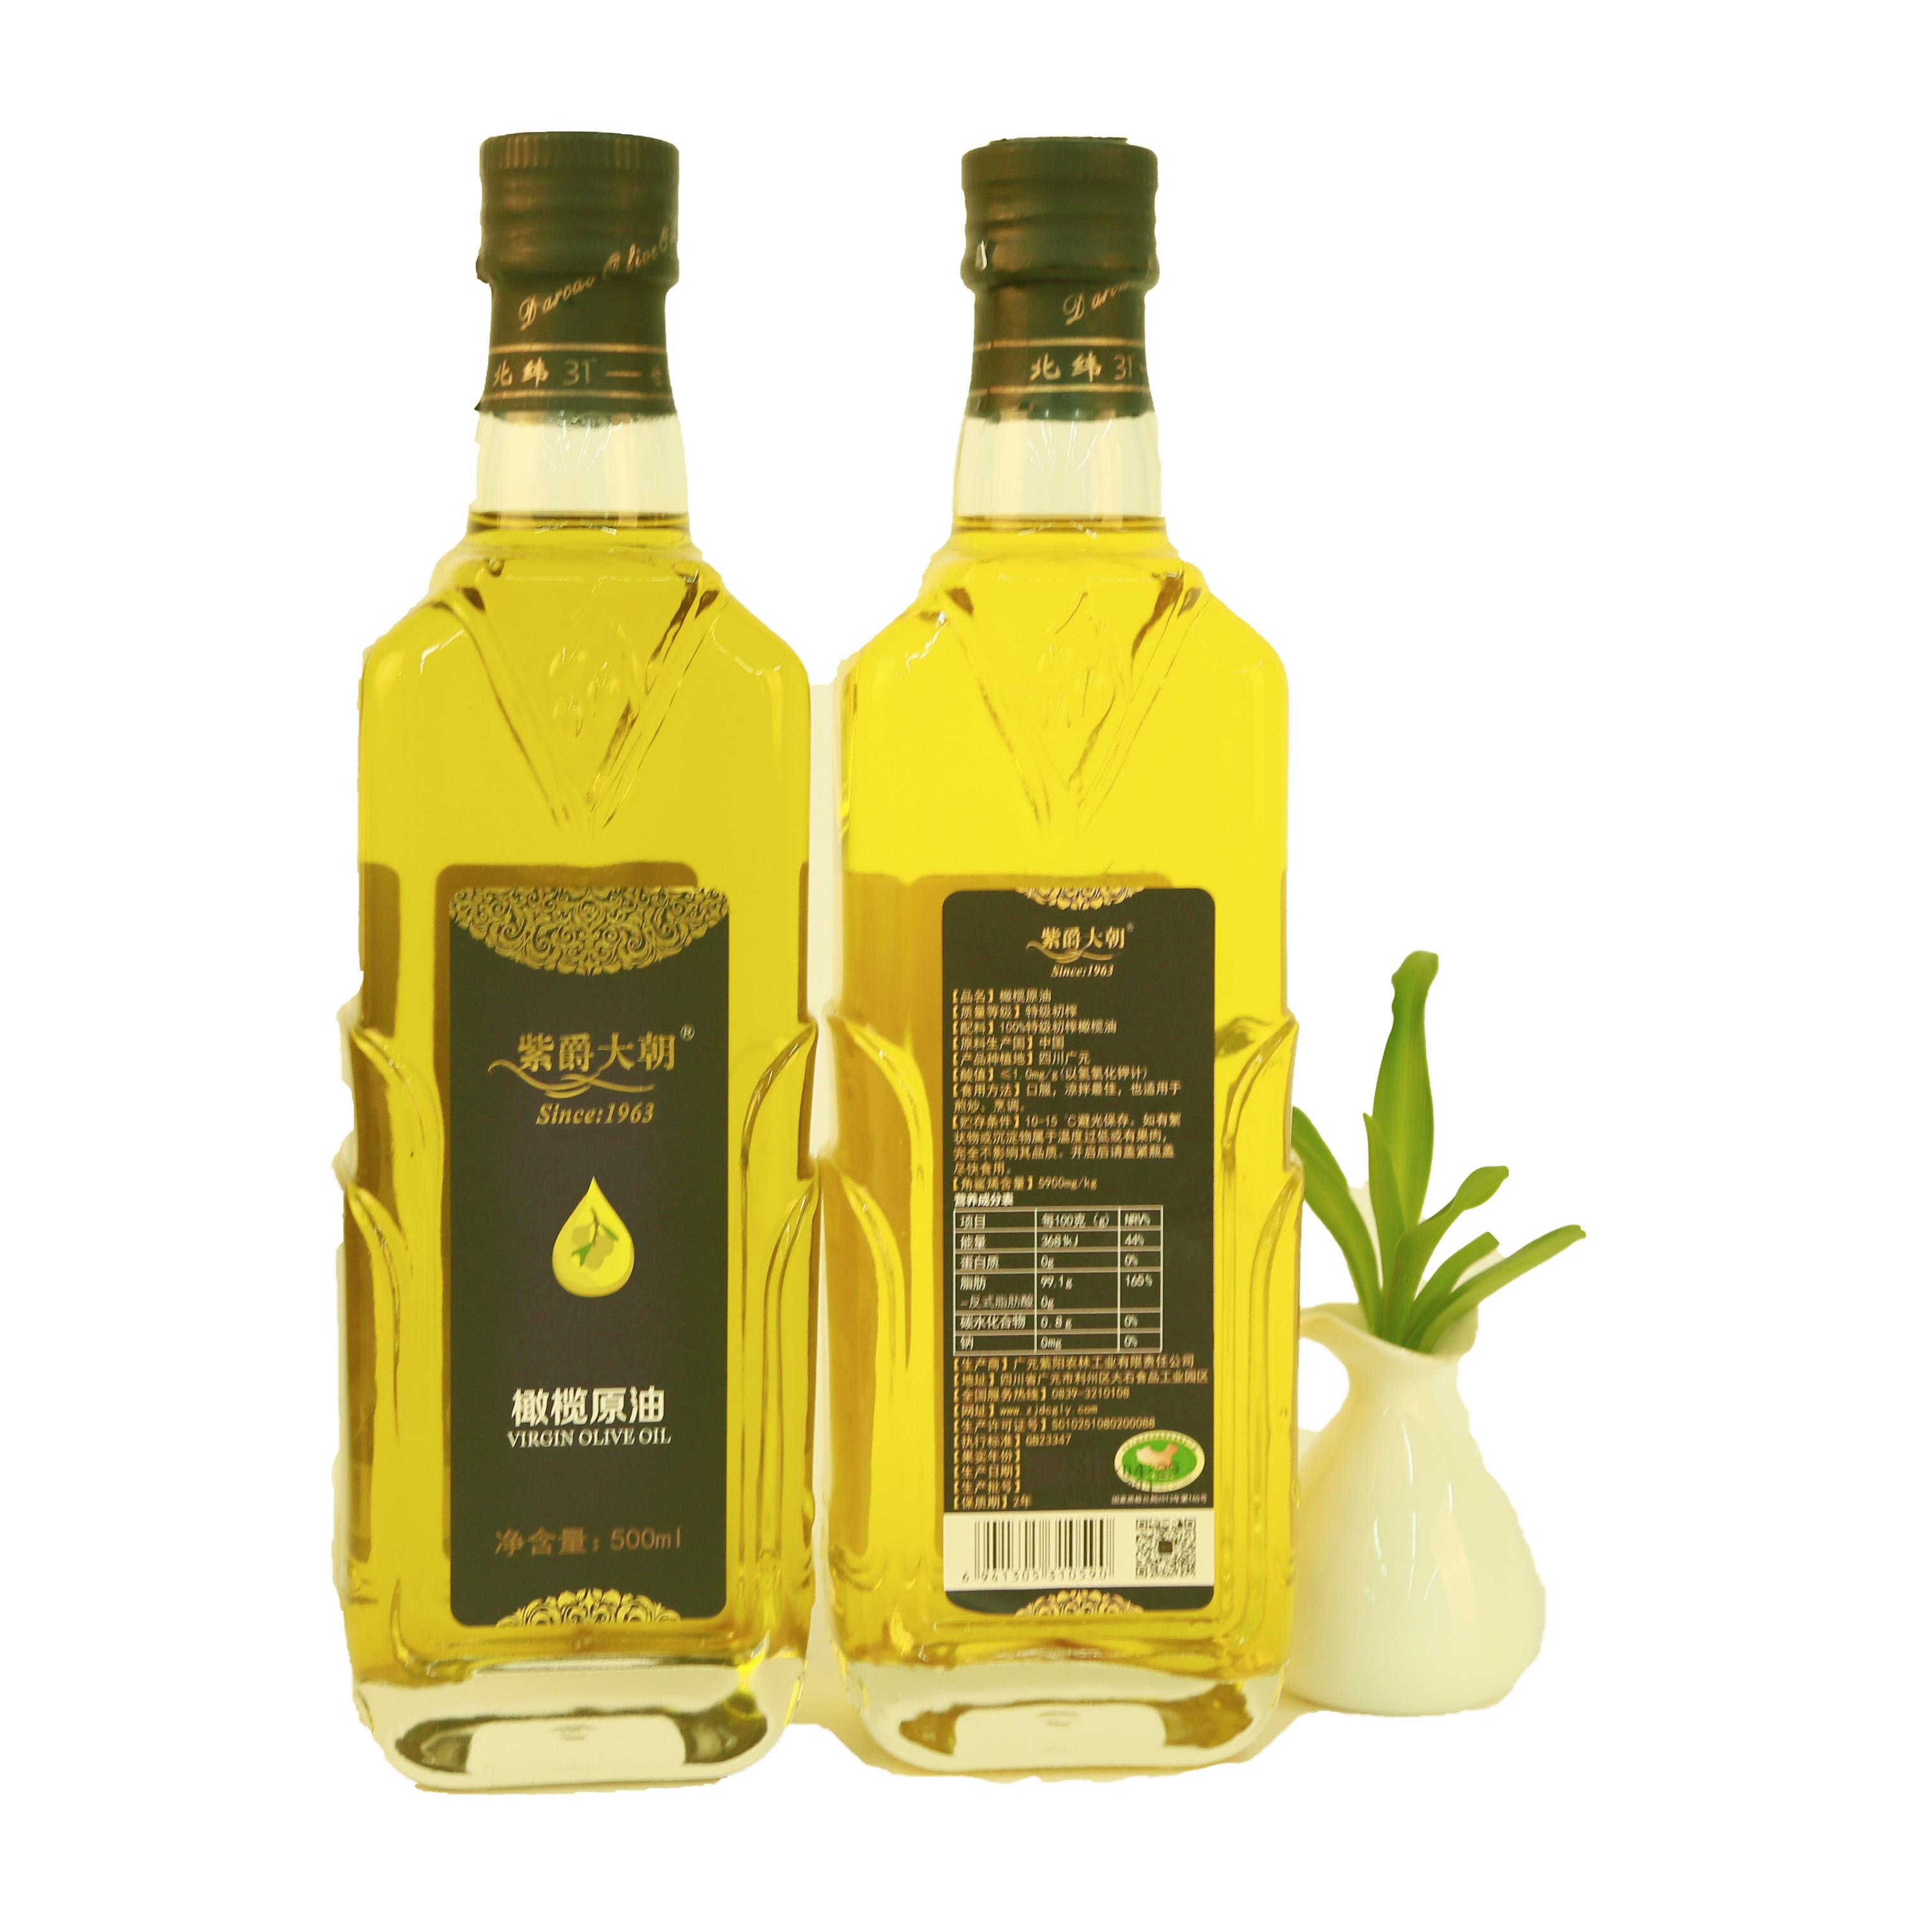 紫爵大朝 橄榄原油